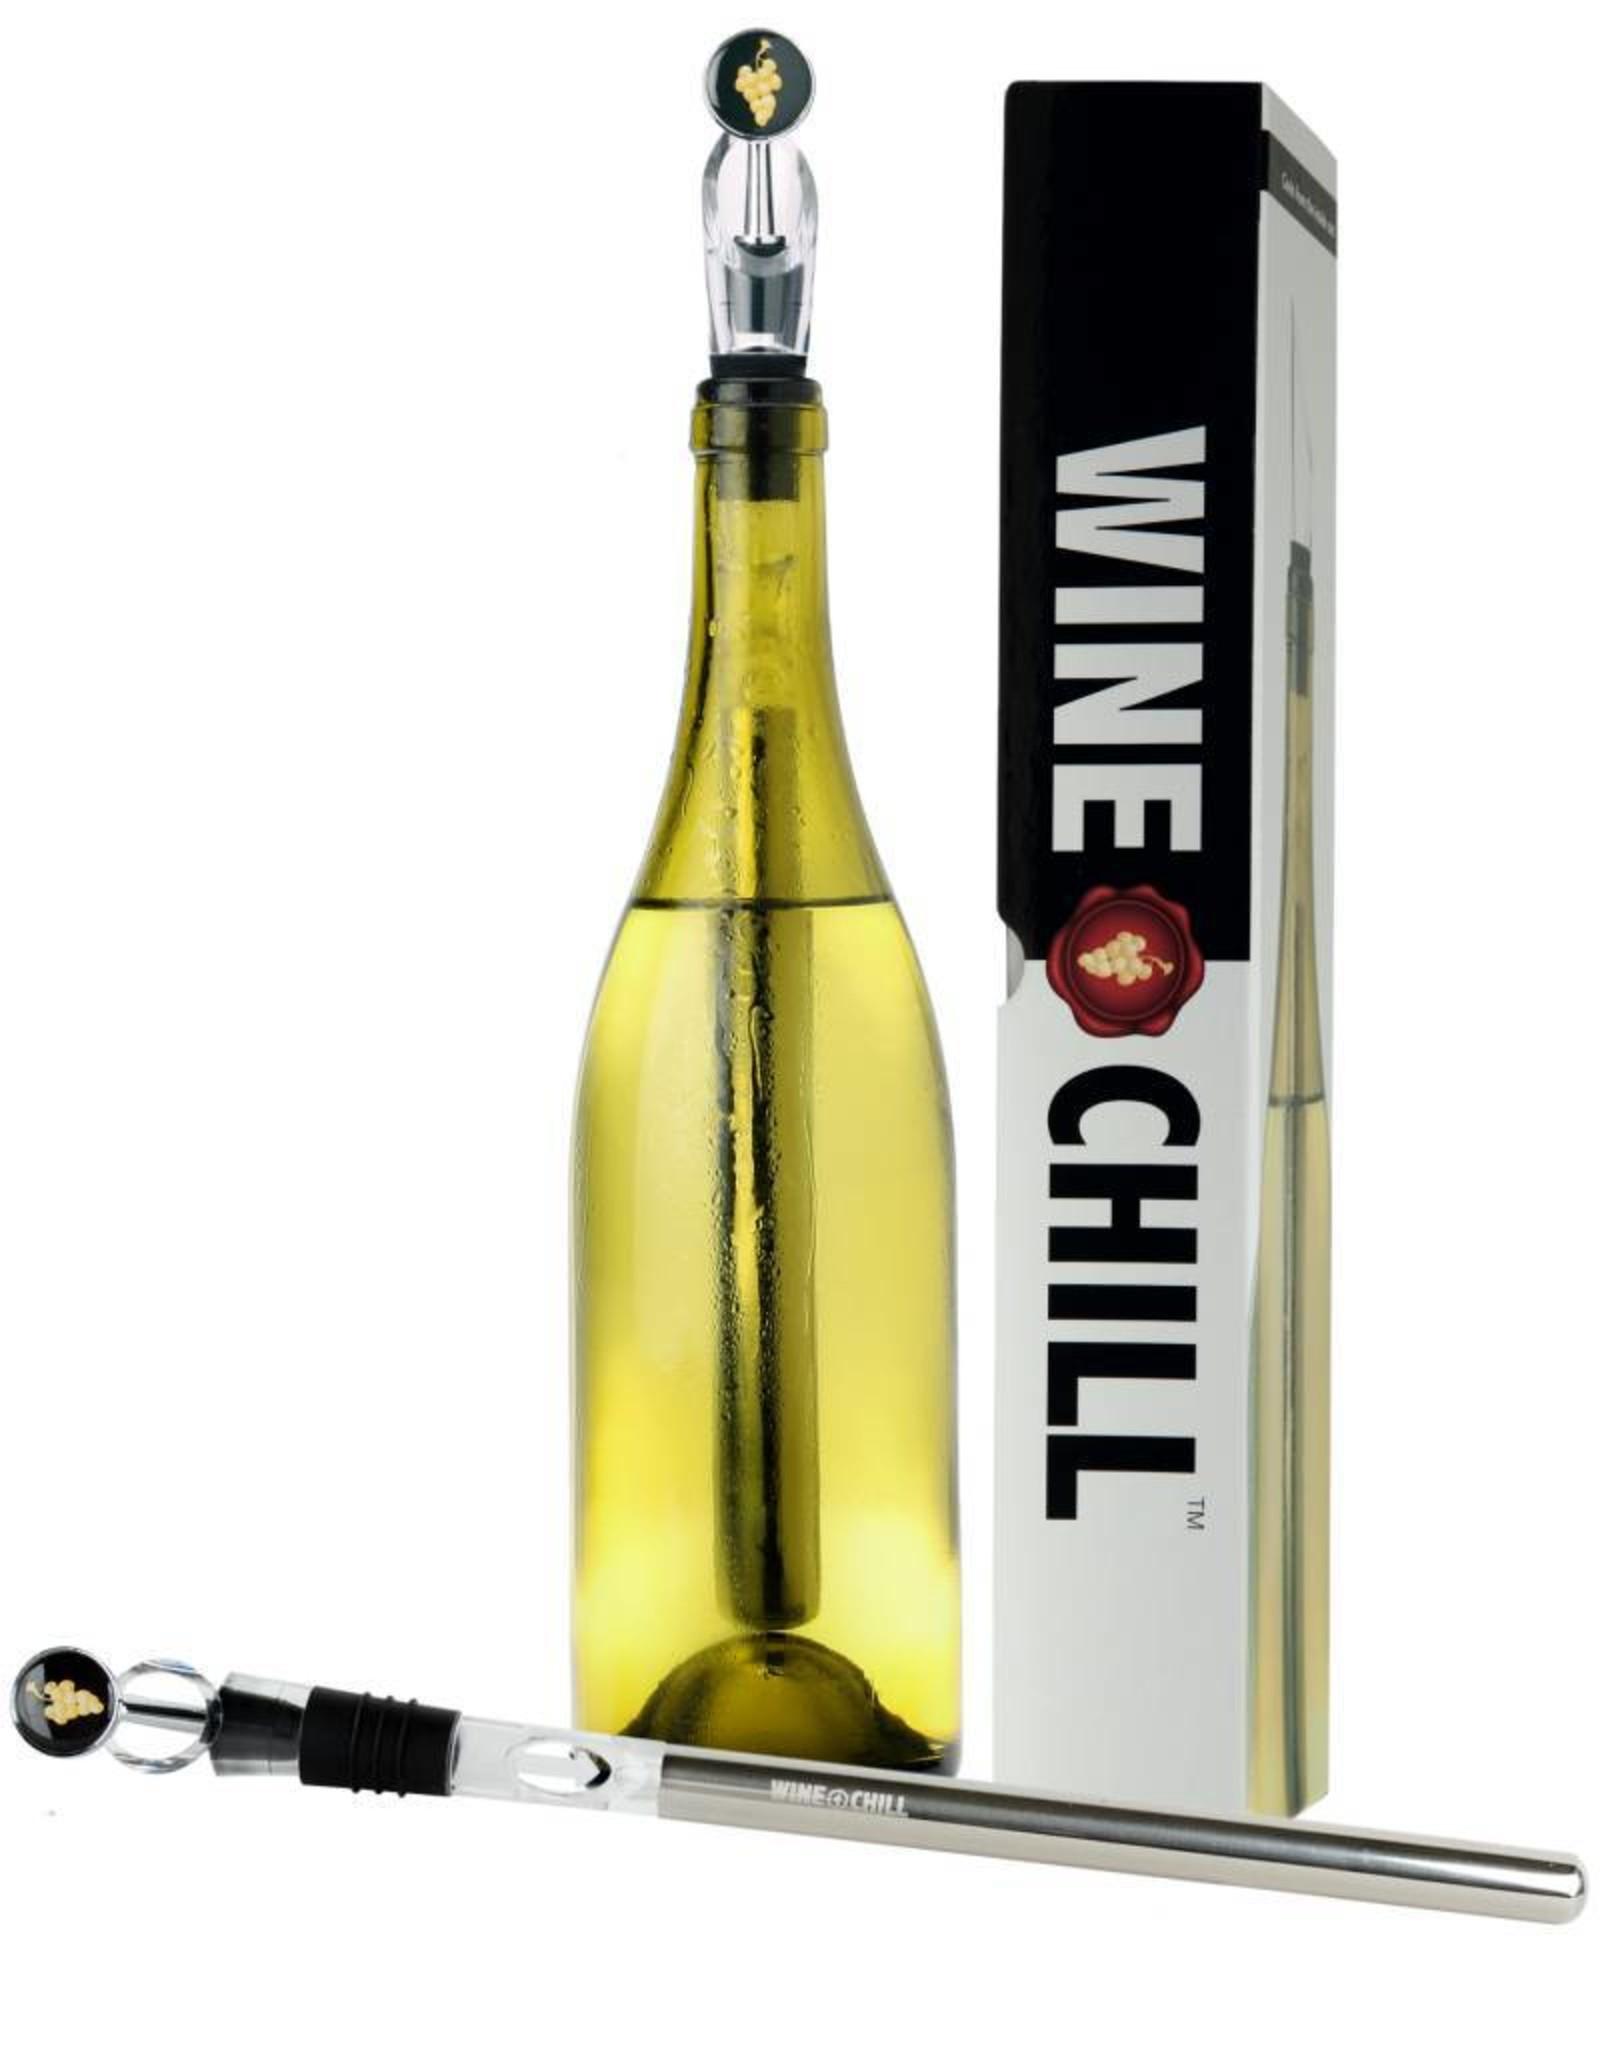 WineChill - de stijlvolle wijnkoeler